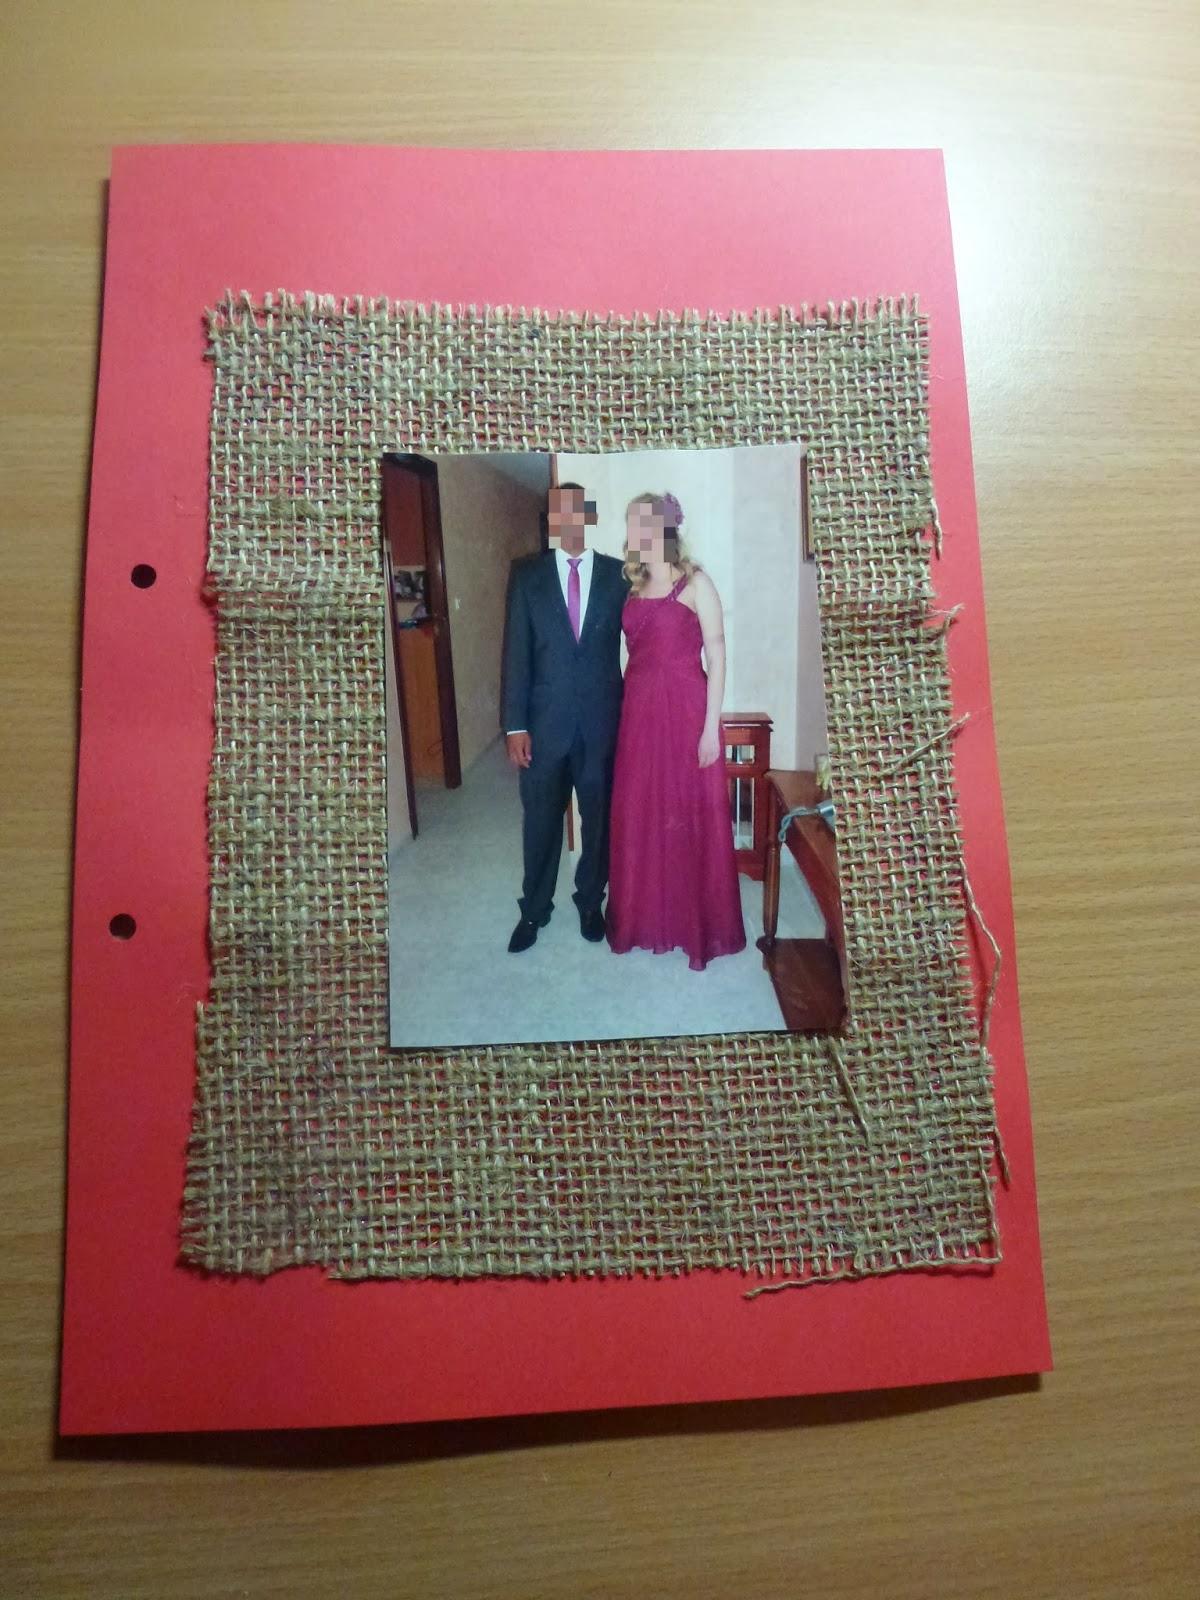 El mundo de saandry diy haz un lbum de fotos casero - Hacer un album de fotos casero ...